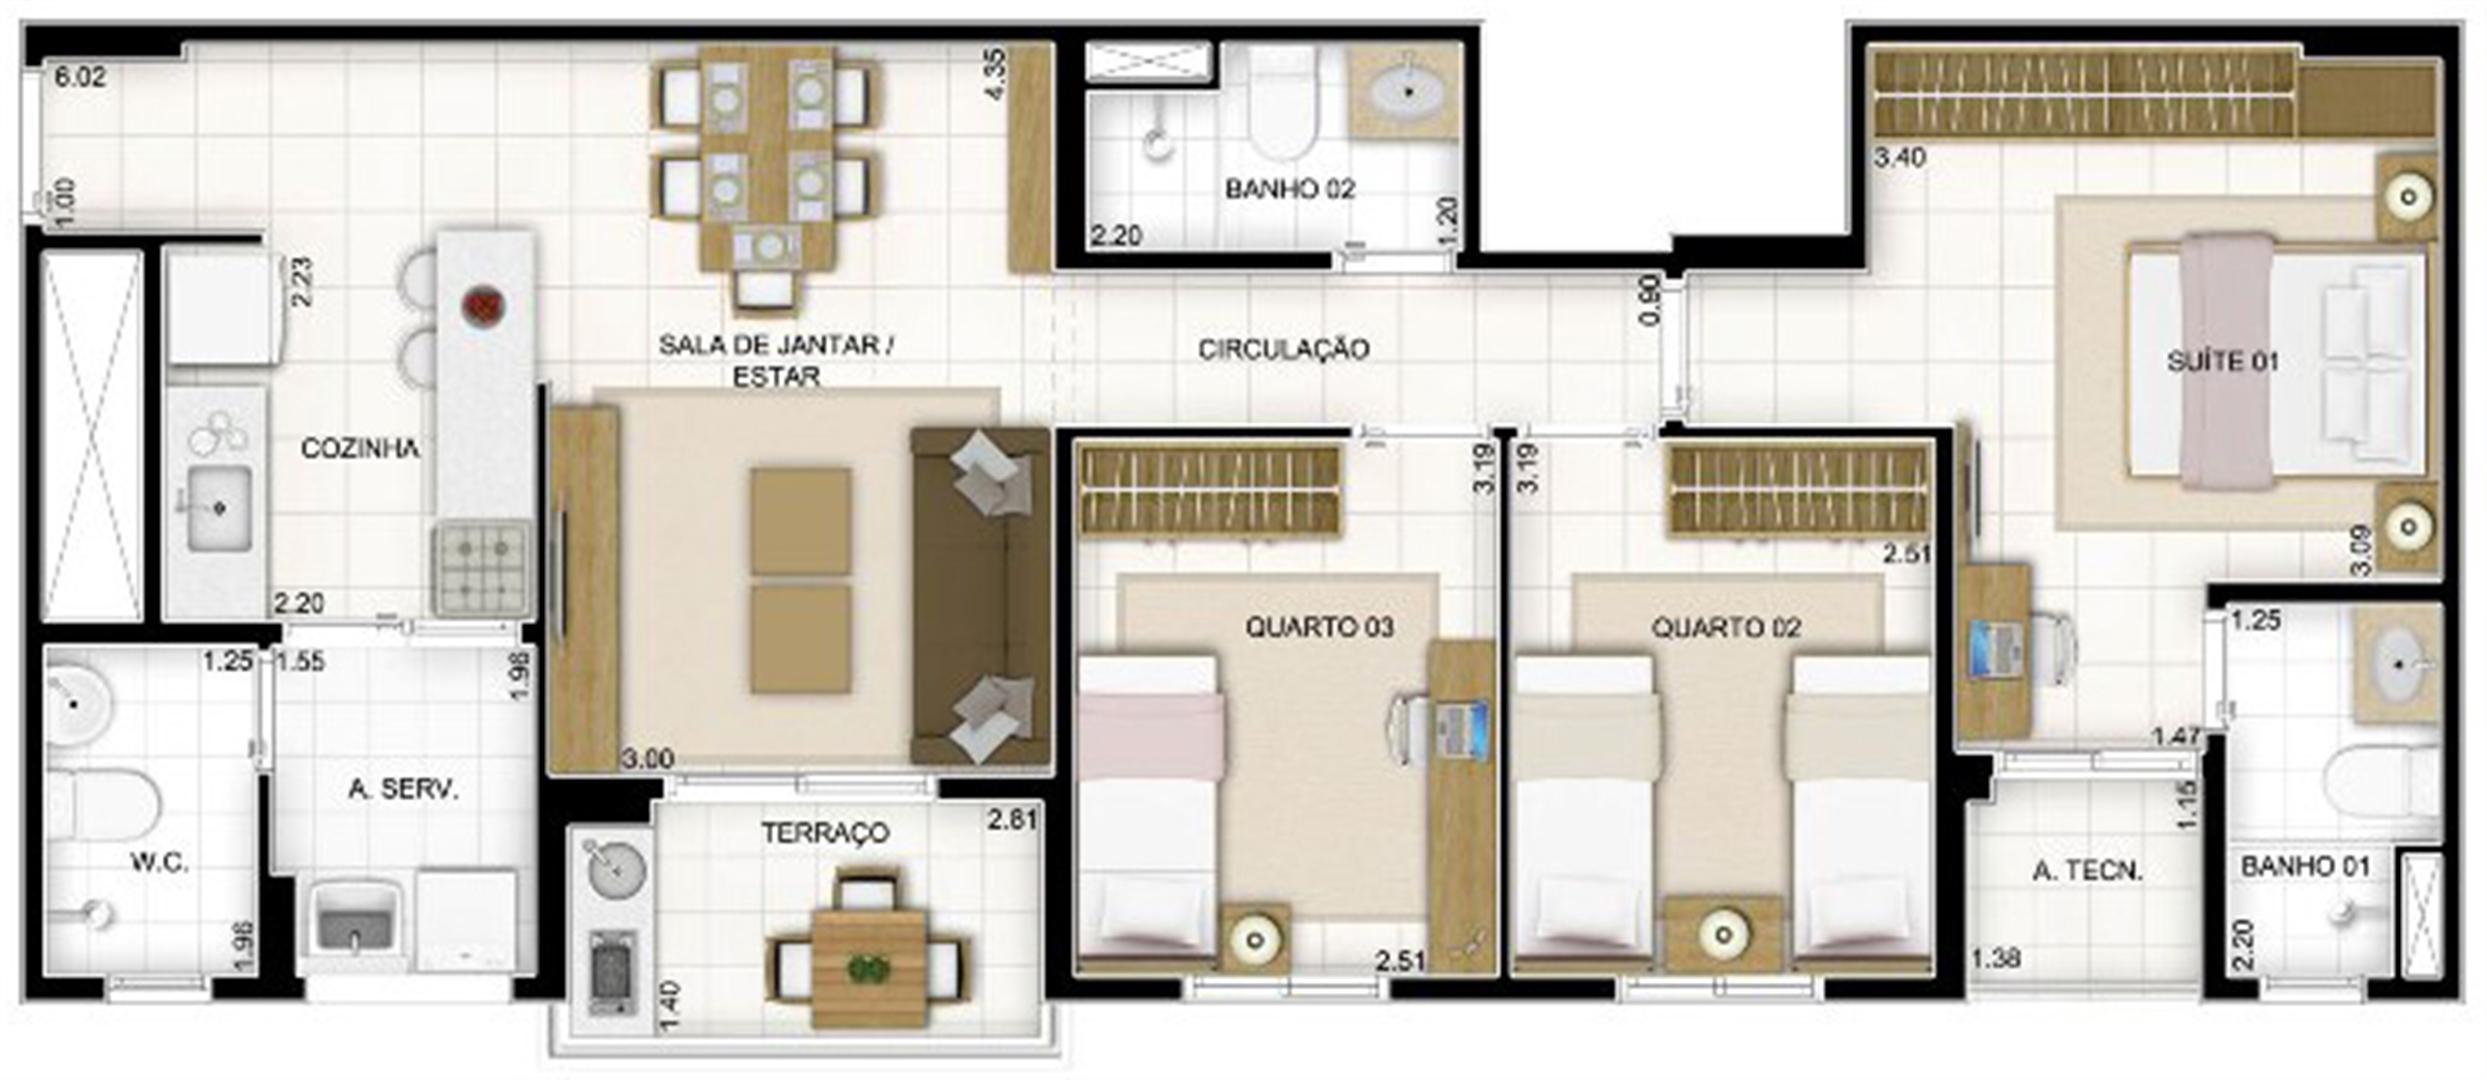 Planta Tipo 3 quartos 81 m² | Quartier Lagoa Nova – Apartamento na  Lagoa Nova - Natal - Rio Grande do Norte